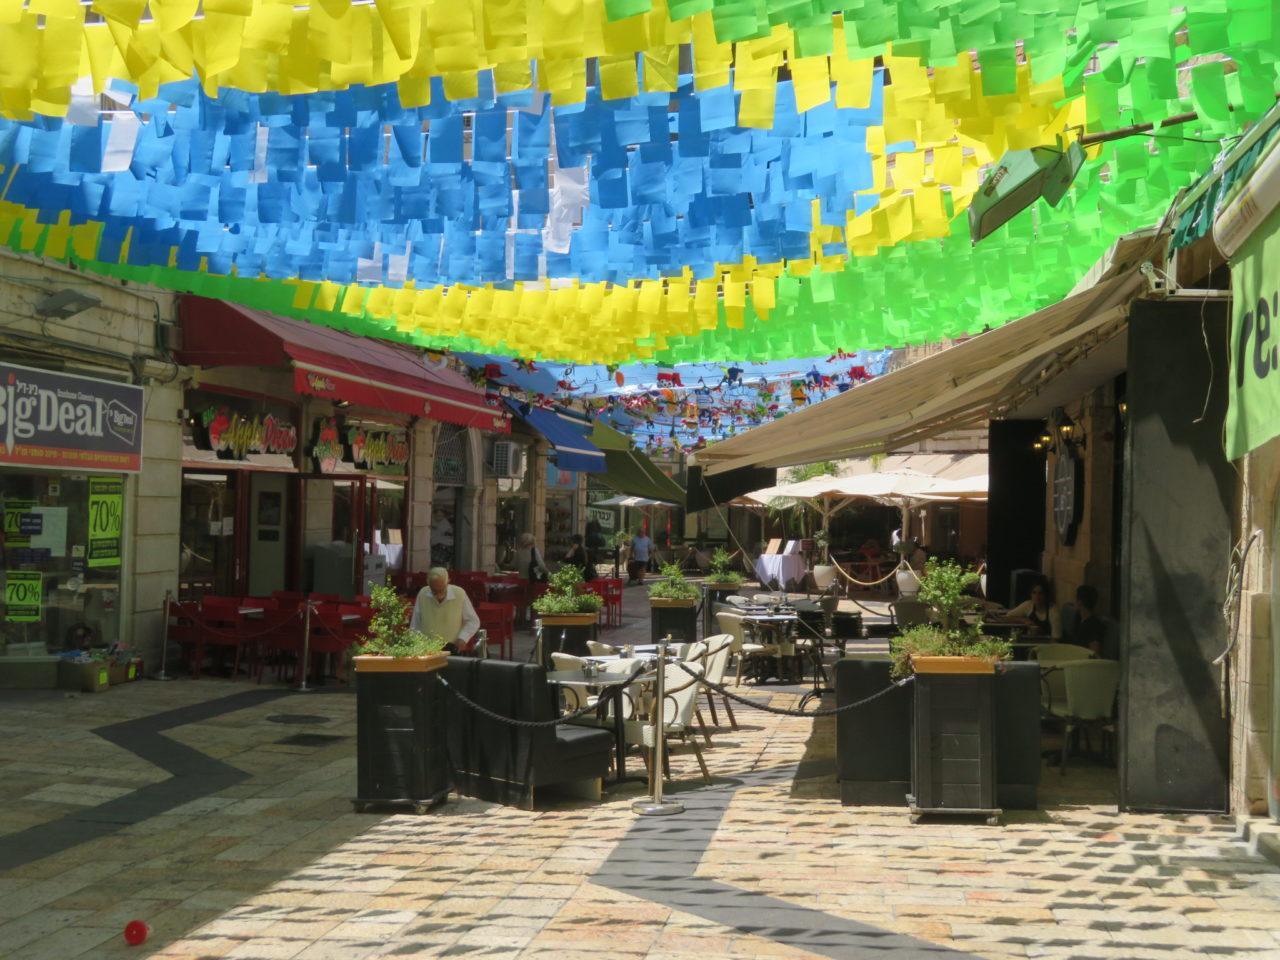 The joys of walking Jerusalem - a side street in downtown Jerusalem